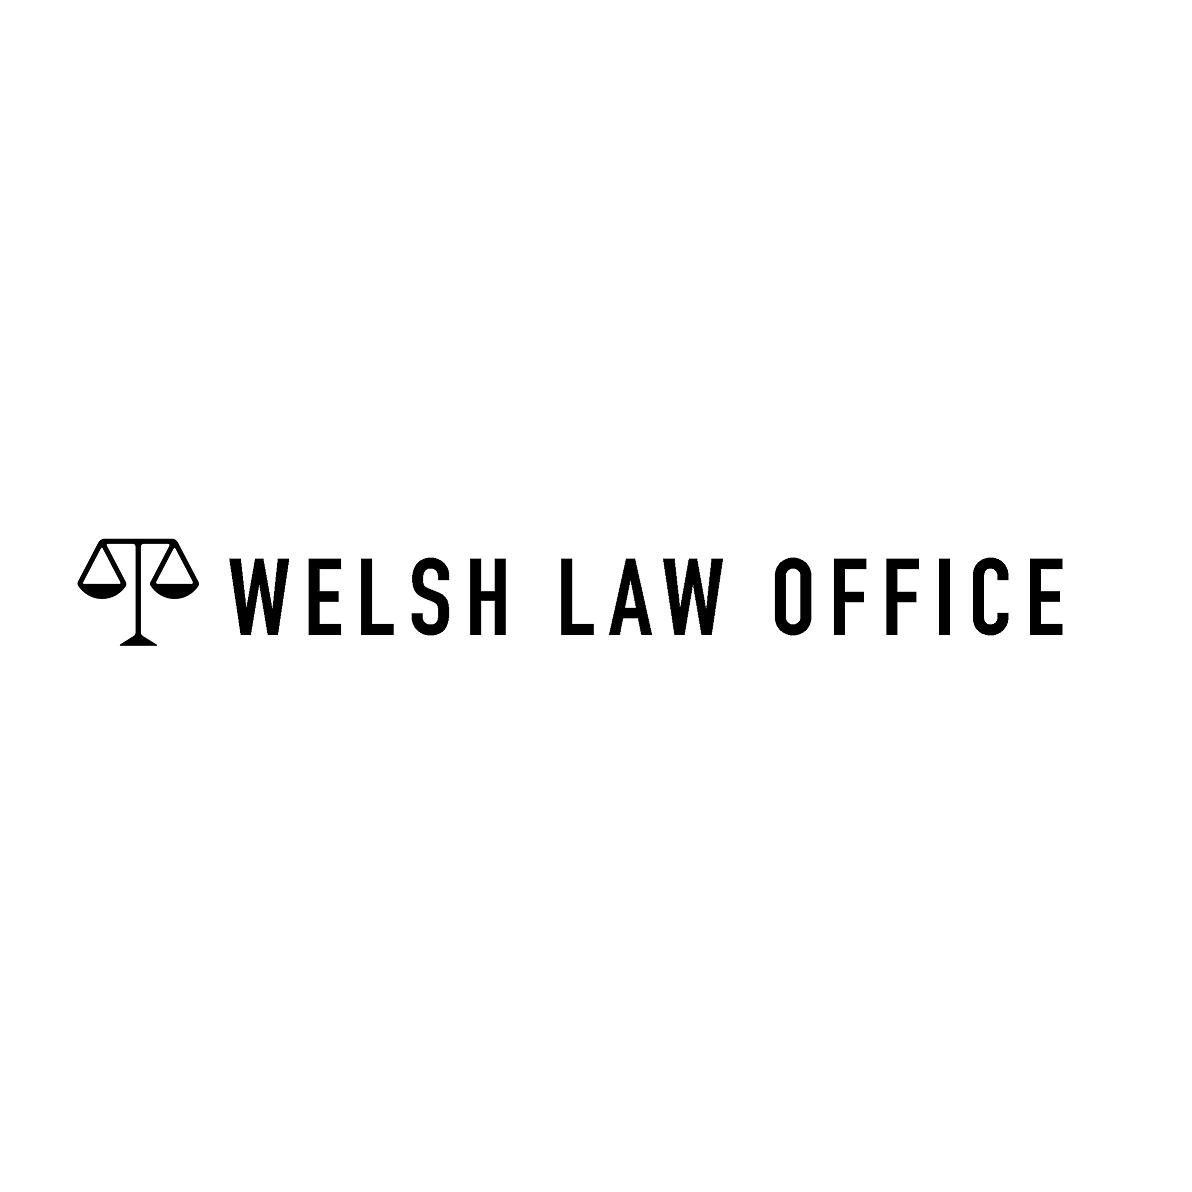 Welsh Law Office